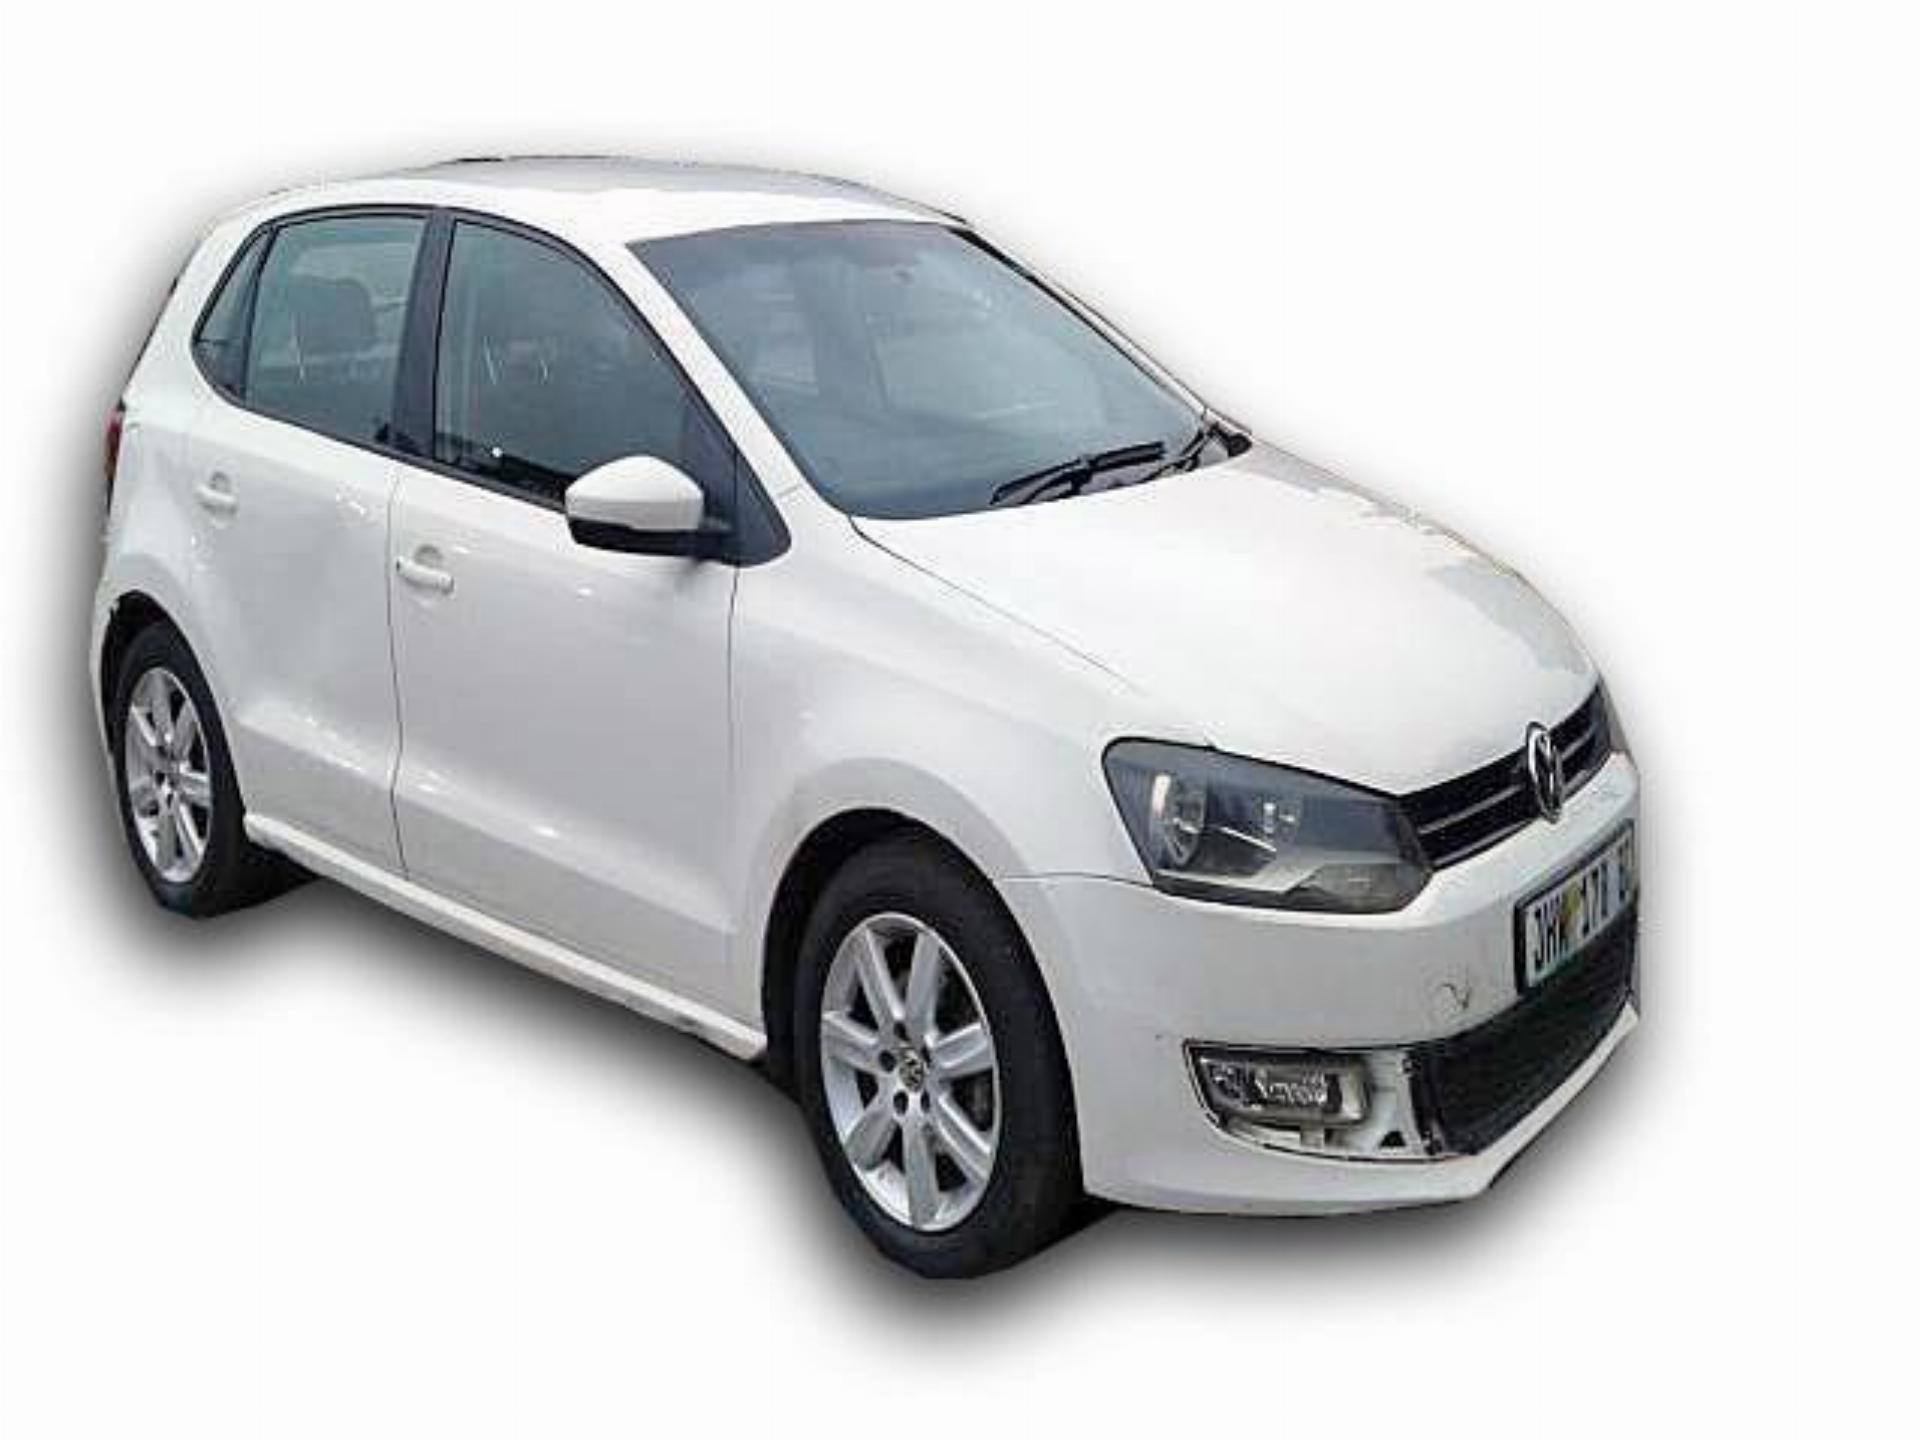 VW Polo Hatch Back 1.4 5 Doors Comfort Liner